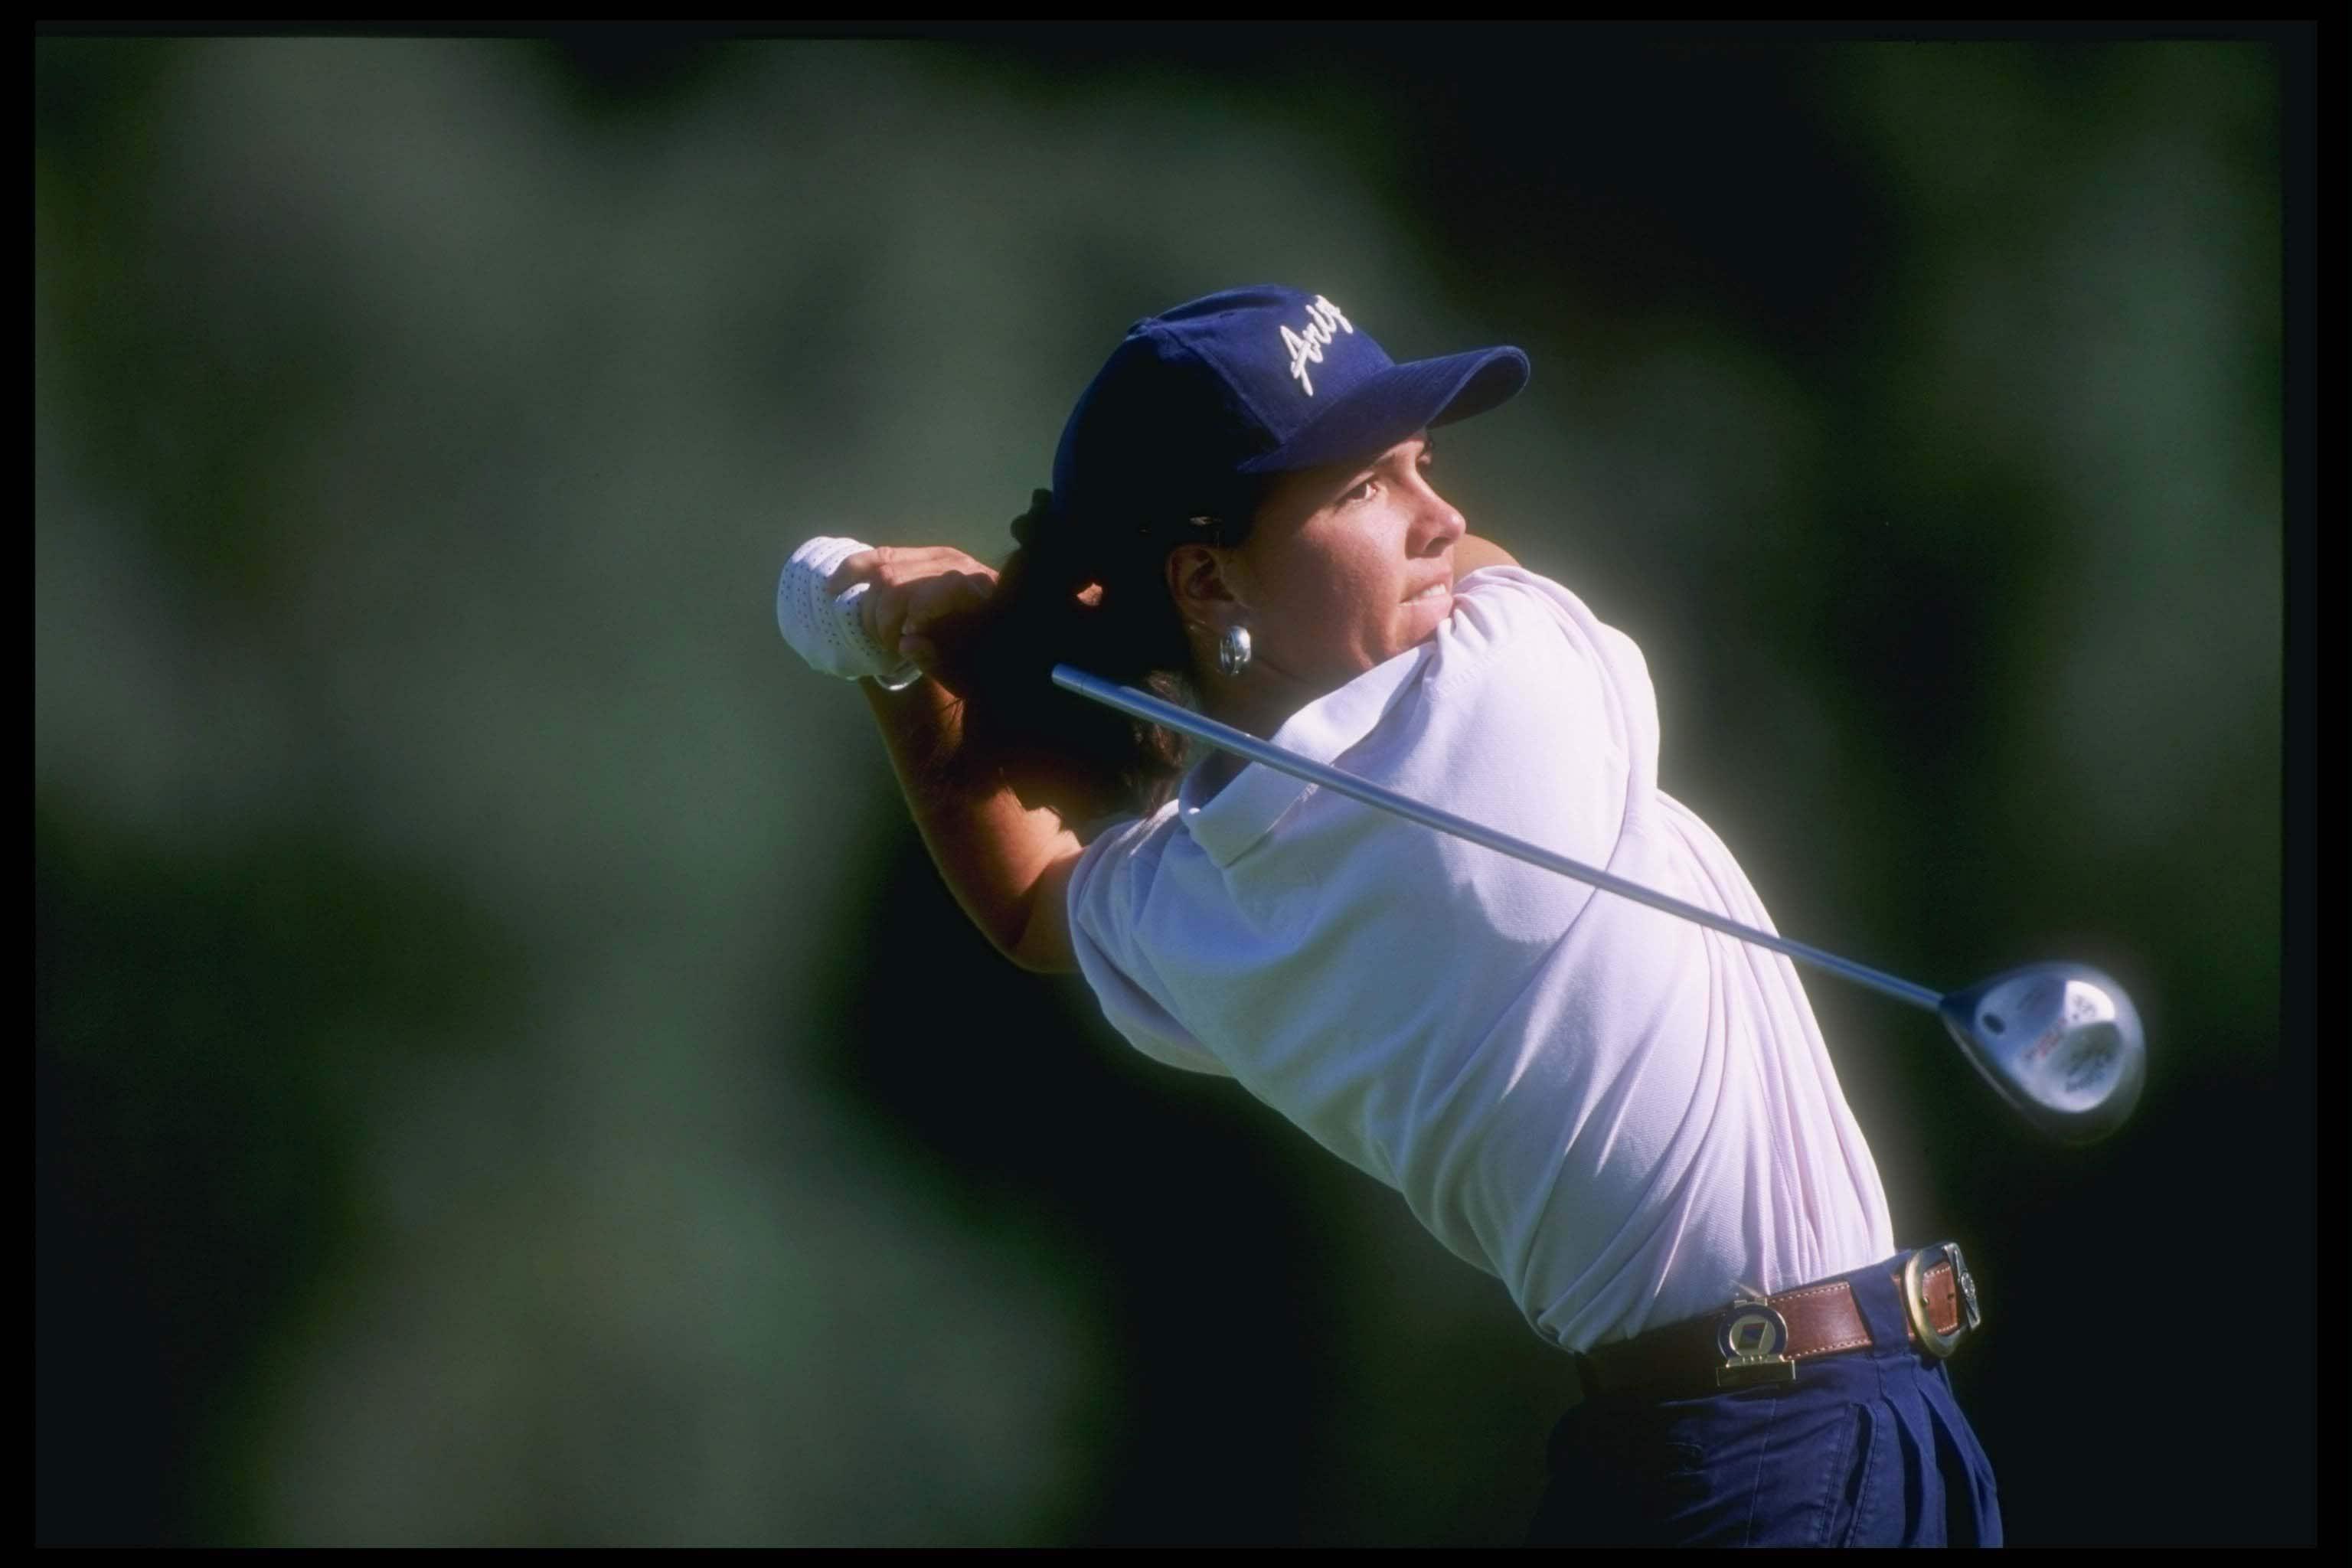 1996 - Marisa Baena, Arizona